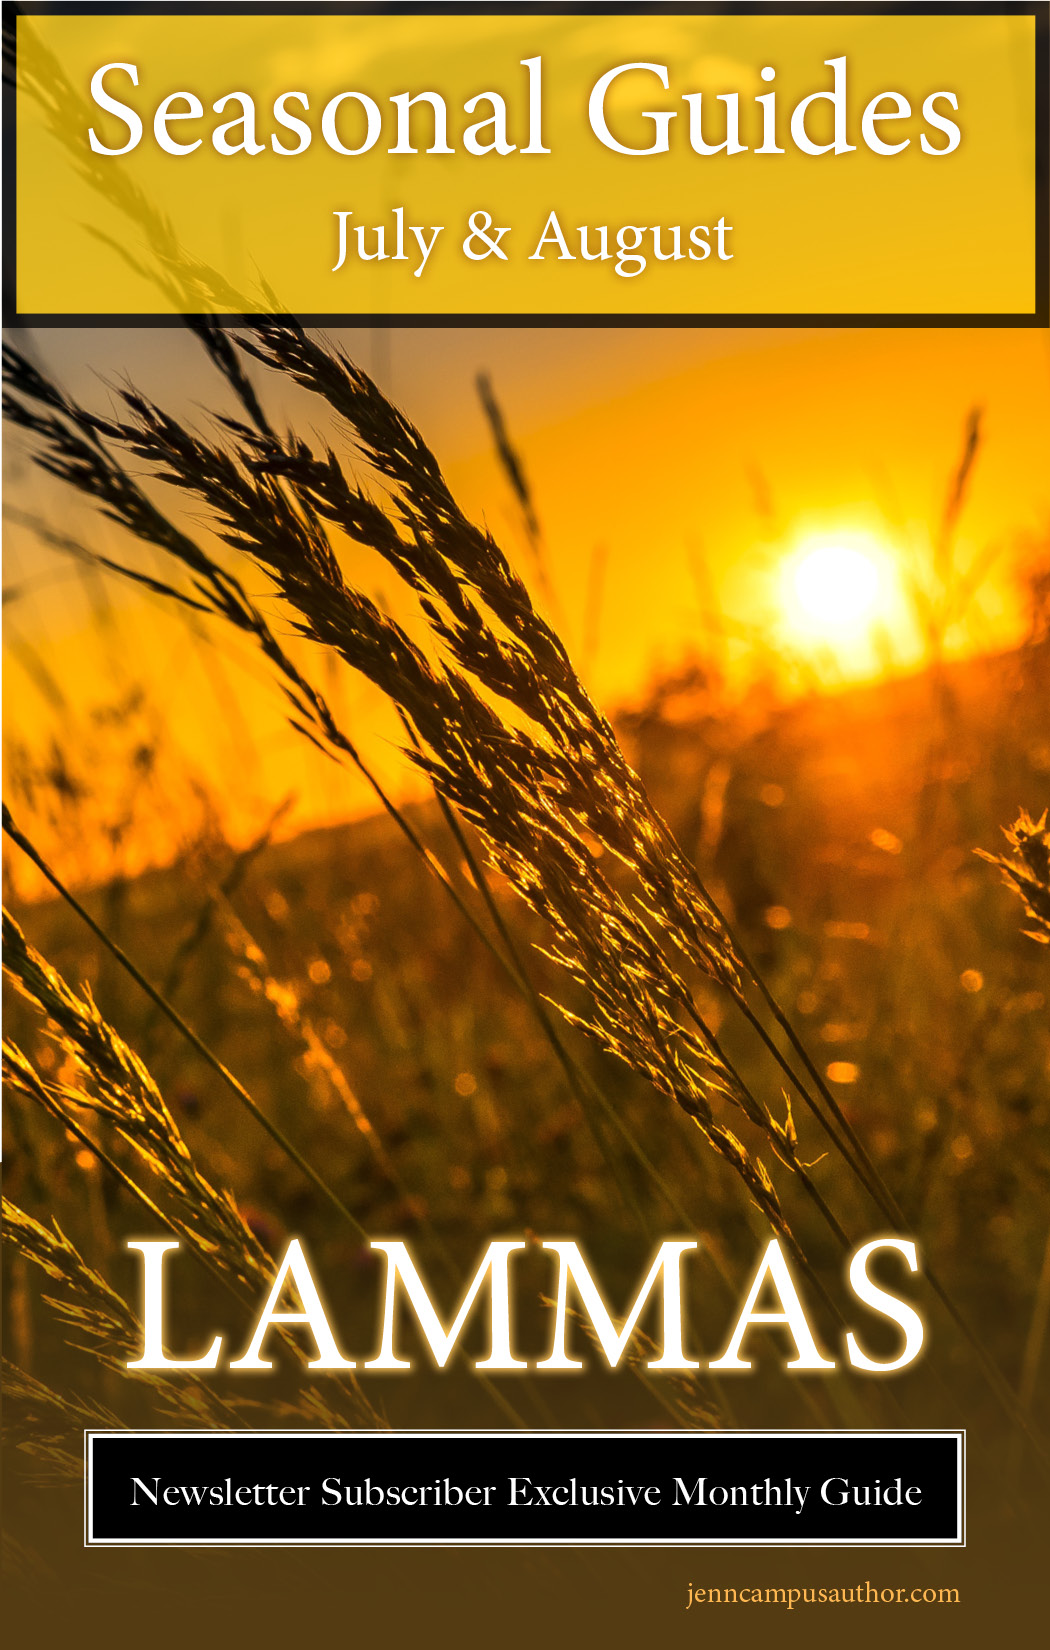 Seasonal Guide for July & August - Lammas